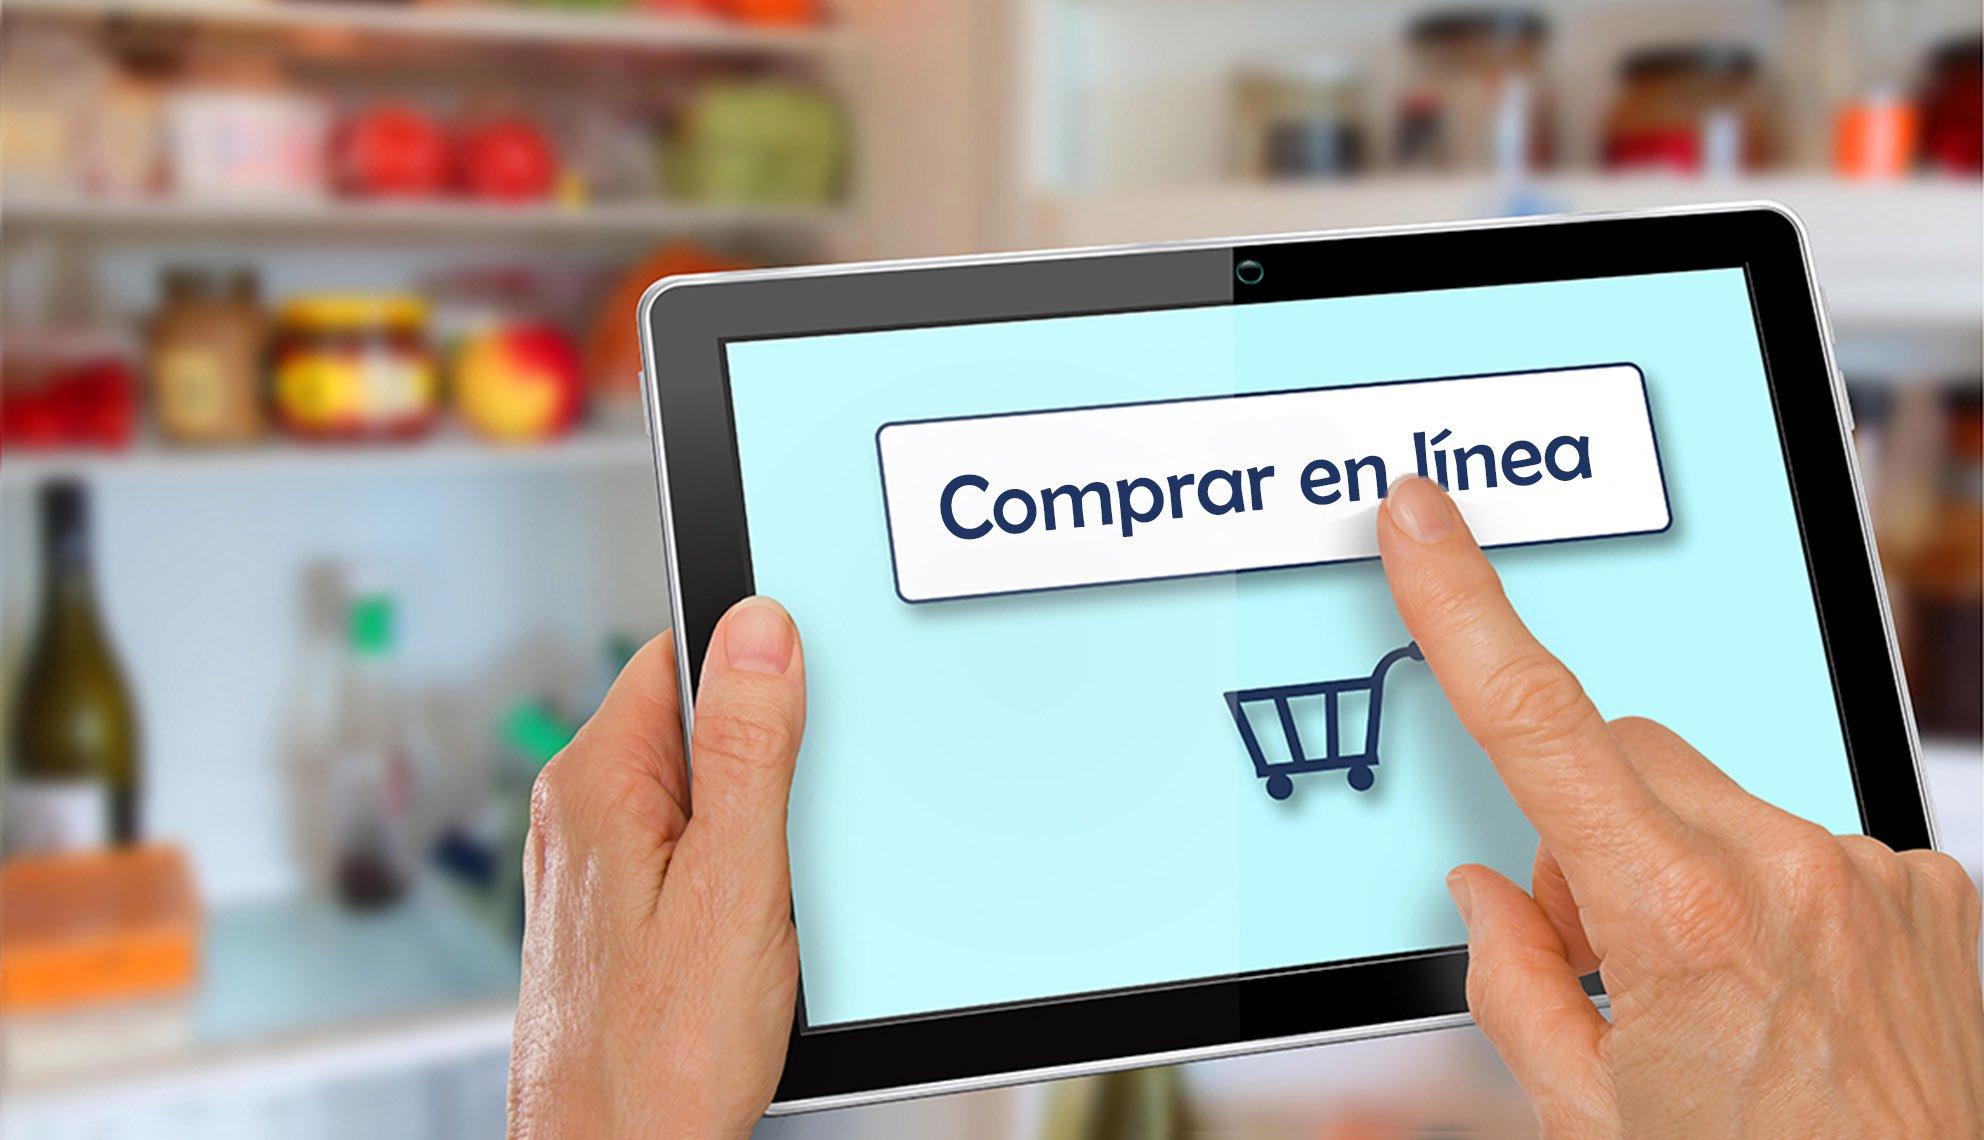 Persona usa una tableta para comenzar a comprar en línea